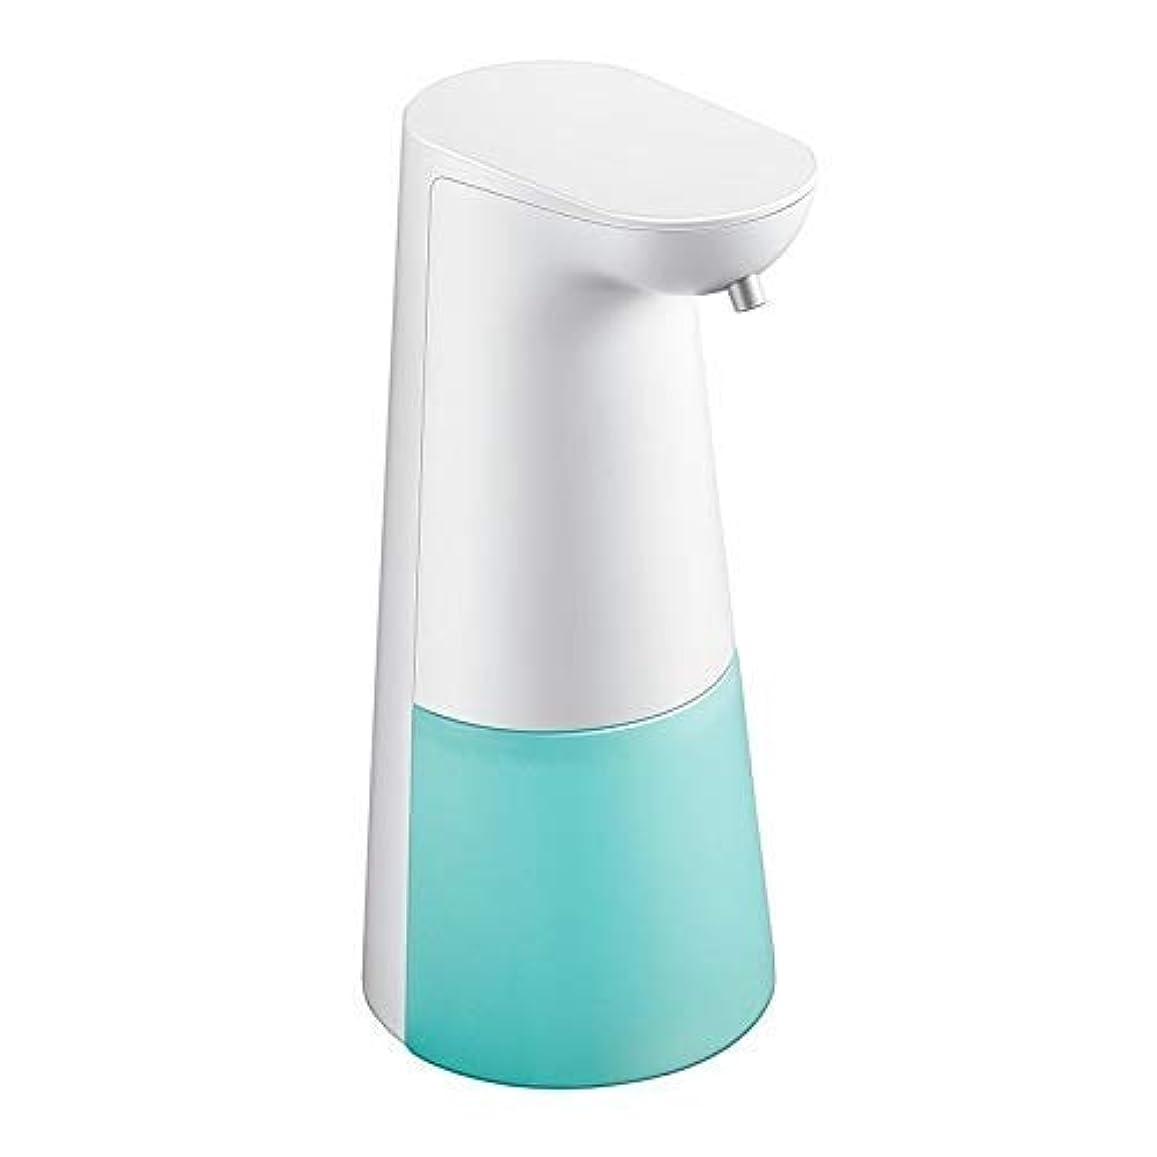 兄気分が悪い受ける自動誘導の泡の石鹸機械ホテルの泡の石鹸ディスペンサーの自動手の消毒剤